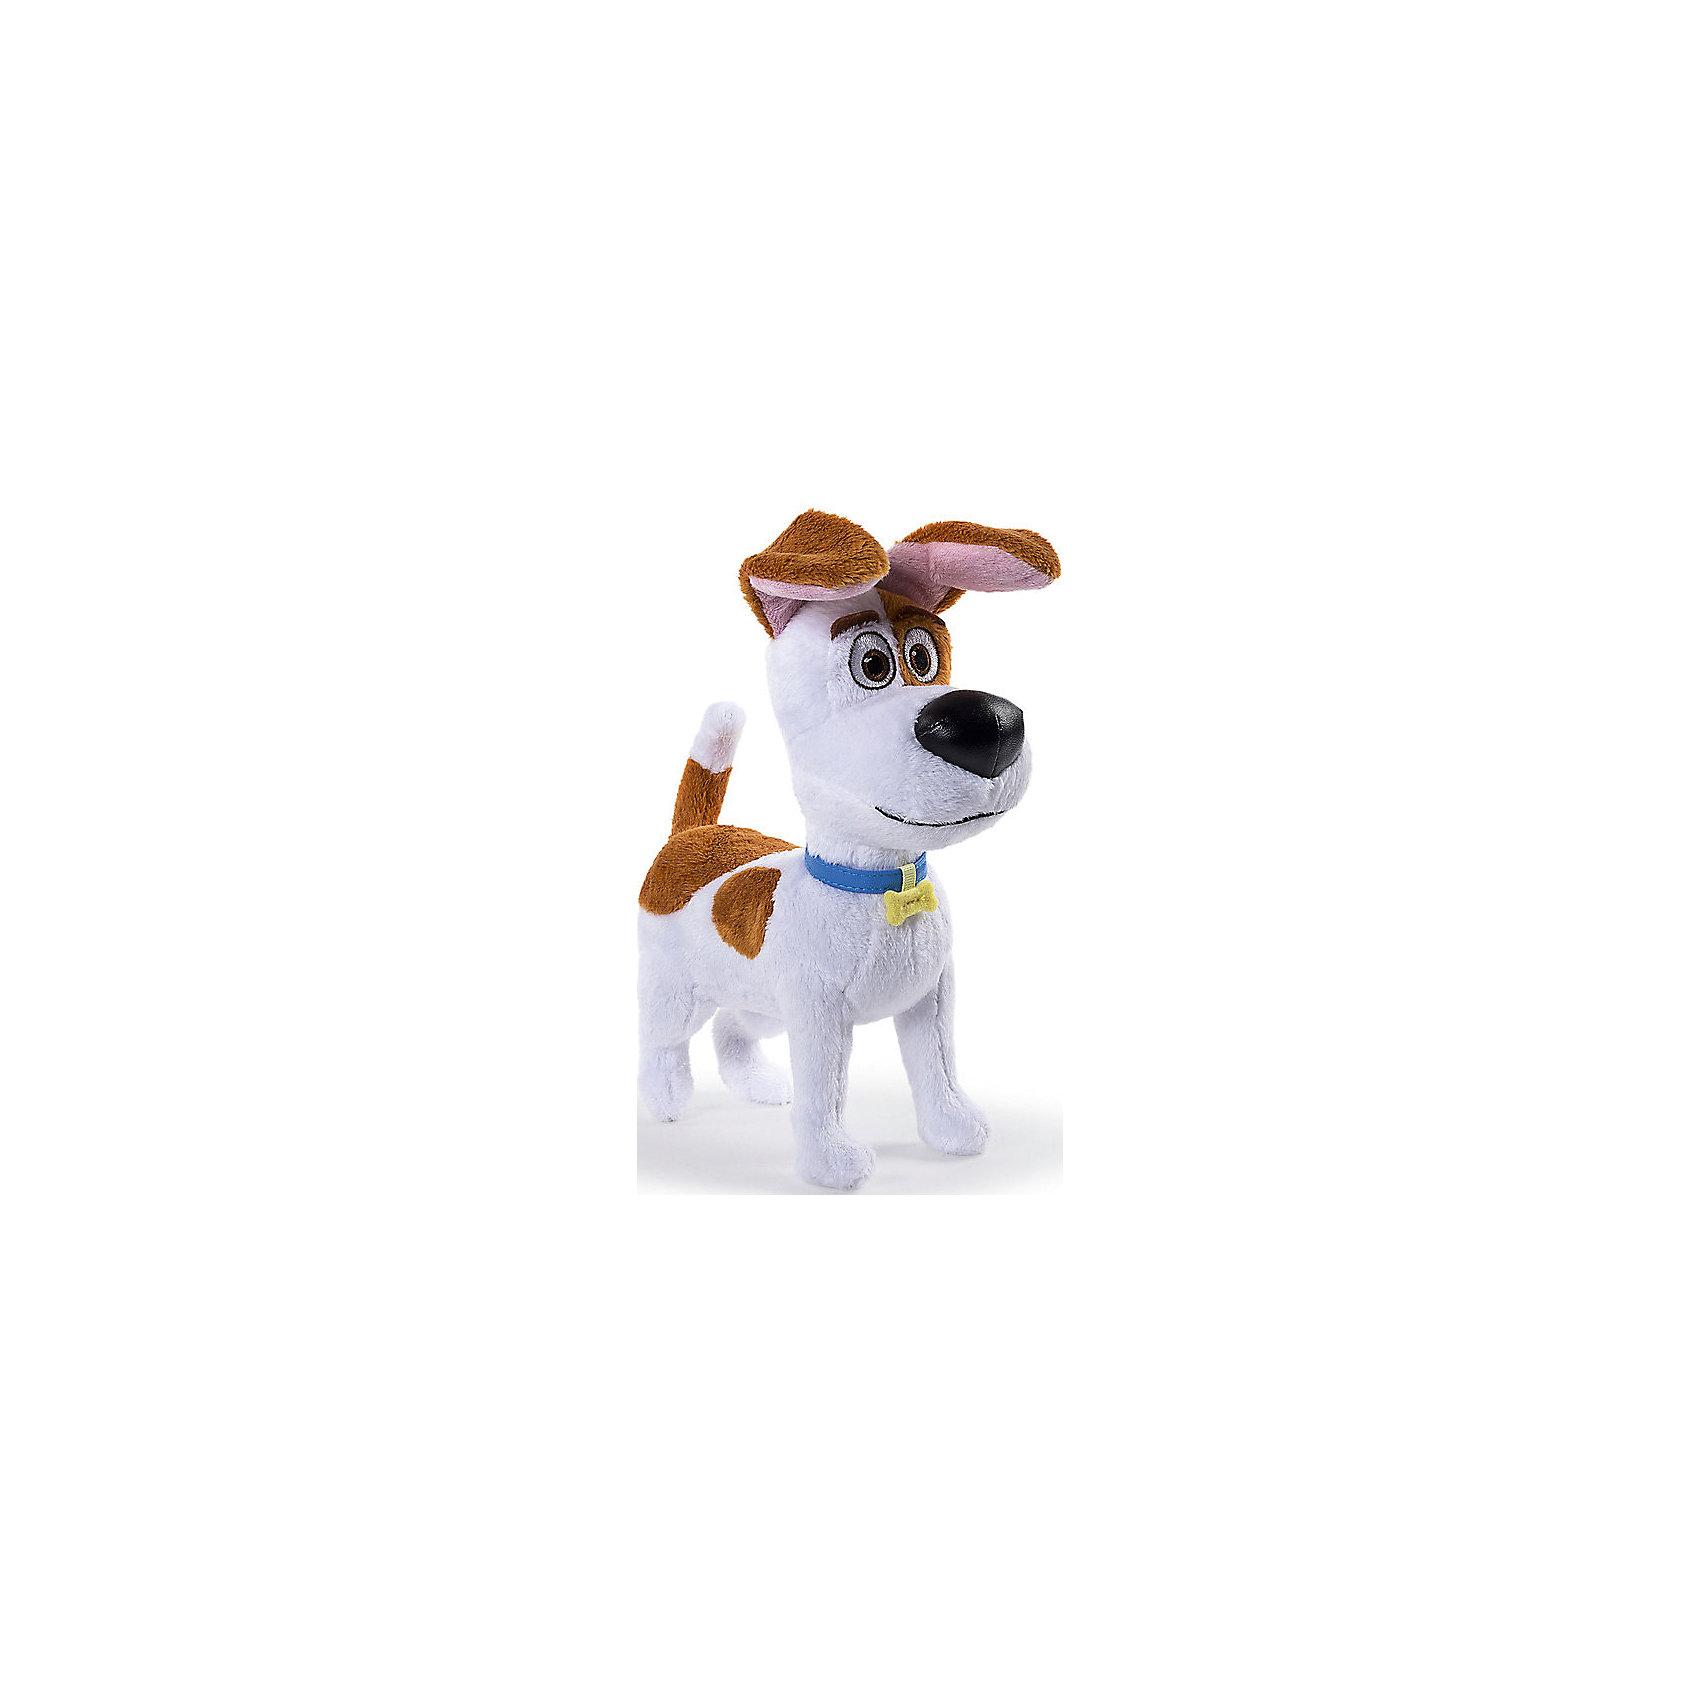 Мягкая игрушка Тайная жизнь домашних животных - терьер Макс, 15 смХарактеристики товара:<br><br>- цвет: разноцветный;<br>- материал: искусственный мех, синтепон;<br>- размер игрушки: 15 см;<br>- вес: 300 г.<br><br>Играть с фигурками из любимого мультфильма - вдвойне интереснее! Фигурки героев мультика Тайная жизнь домашних животных очень красивые, они хорошо детализированы. Каждая фигурка отлично выполнена, очень похожа на героя мультика, поэтому она станет желанным подарком для ребенка. Такое изделие отлично тренирует у ребенка разные навыки: играя с фигурками, ребенок развивает мелкую моторику, цветовосприятие, внимание, воображение и творческое мышление. <br>Из этих фигурок можно собрать целую коллекцию! Изделие произведено из качественных проверенных материалов, безопасных для малышей.<br><br>Плюш Макс 15 см, Тайная жизнь домашних животных, можно купить в нашем интернет-магазине.<br><br>Ширина мм: 203<br>Глубина мм: 304<br>Высота мм: 279<br>Вес г: 140<br>Возраст от месяцев: 36<br>Возраст до месяцев: 2147483647<br>Пол: Унисекс<br>Возраст: Детский<br>SKU: 5140235